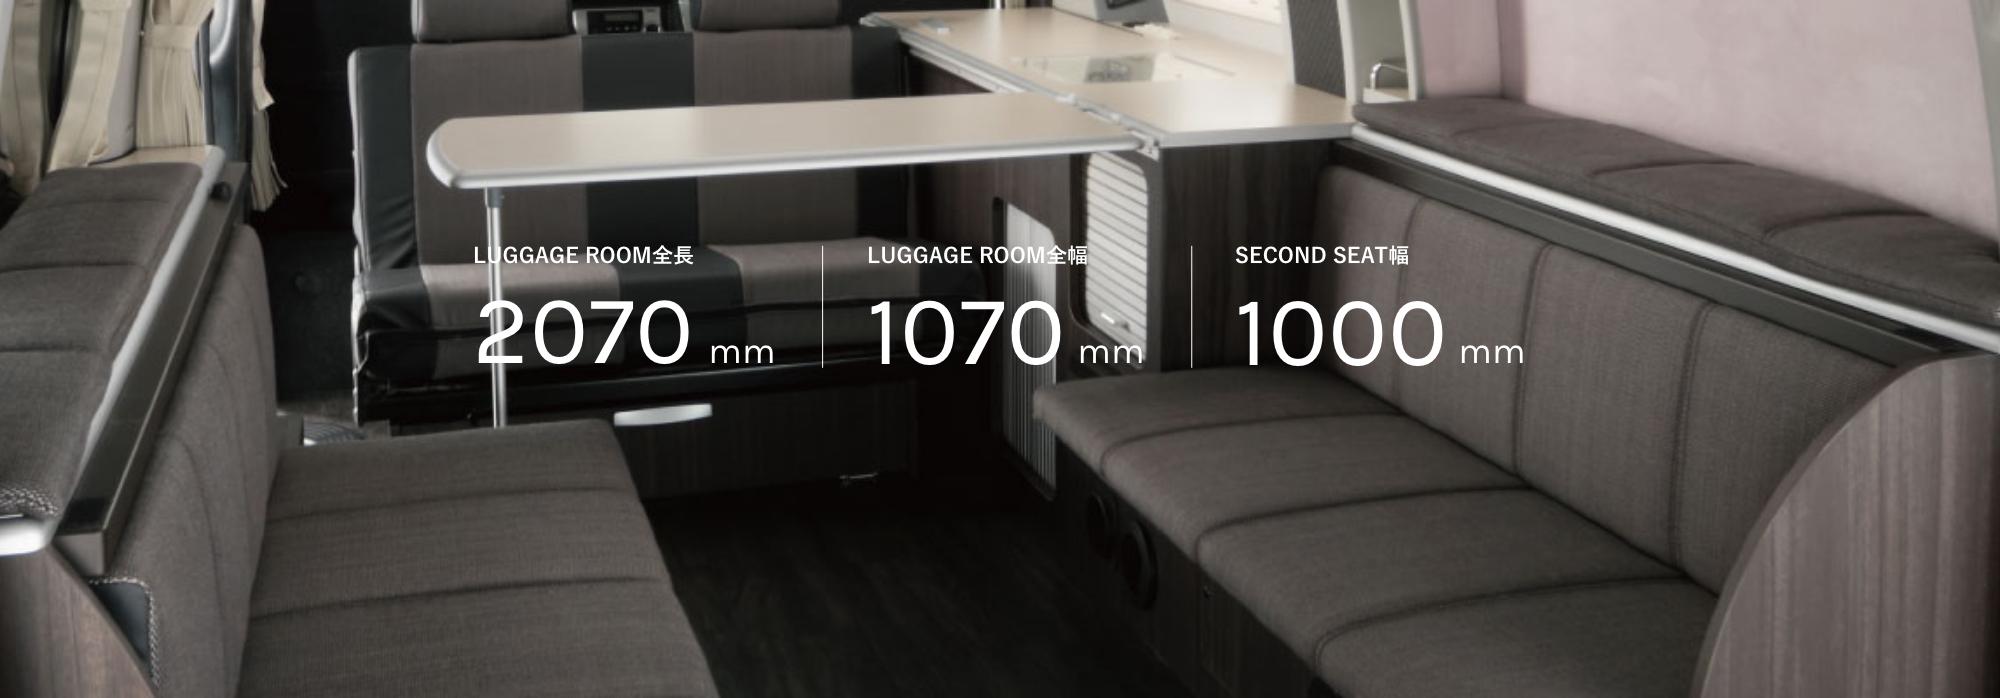 COMPASSシリーズ 最大のLUGGAGE ROOMを実現